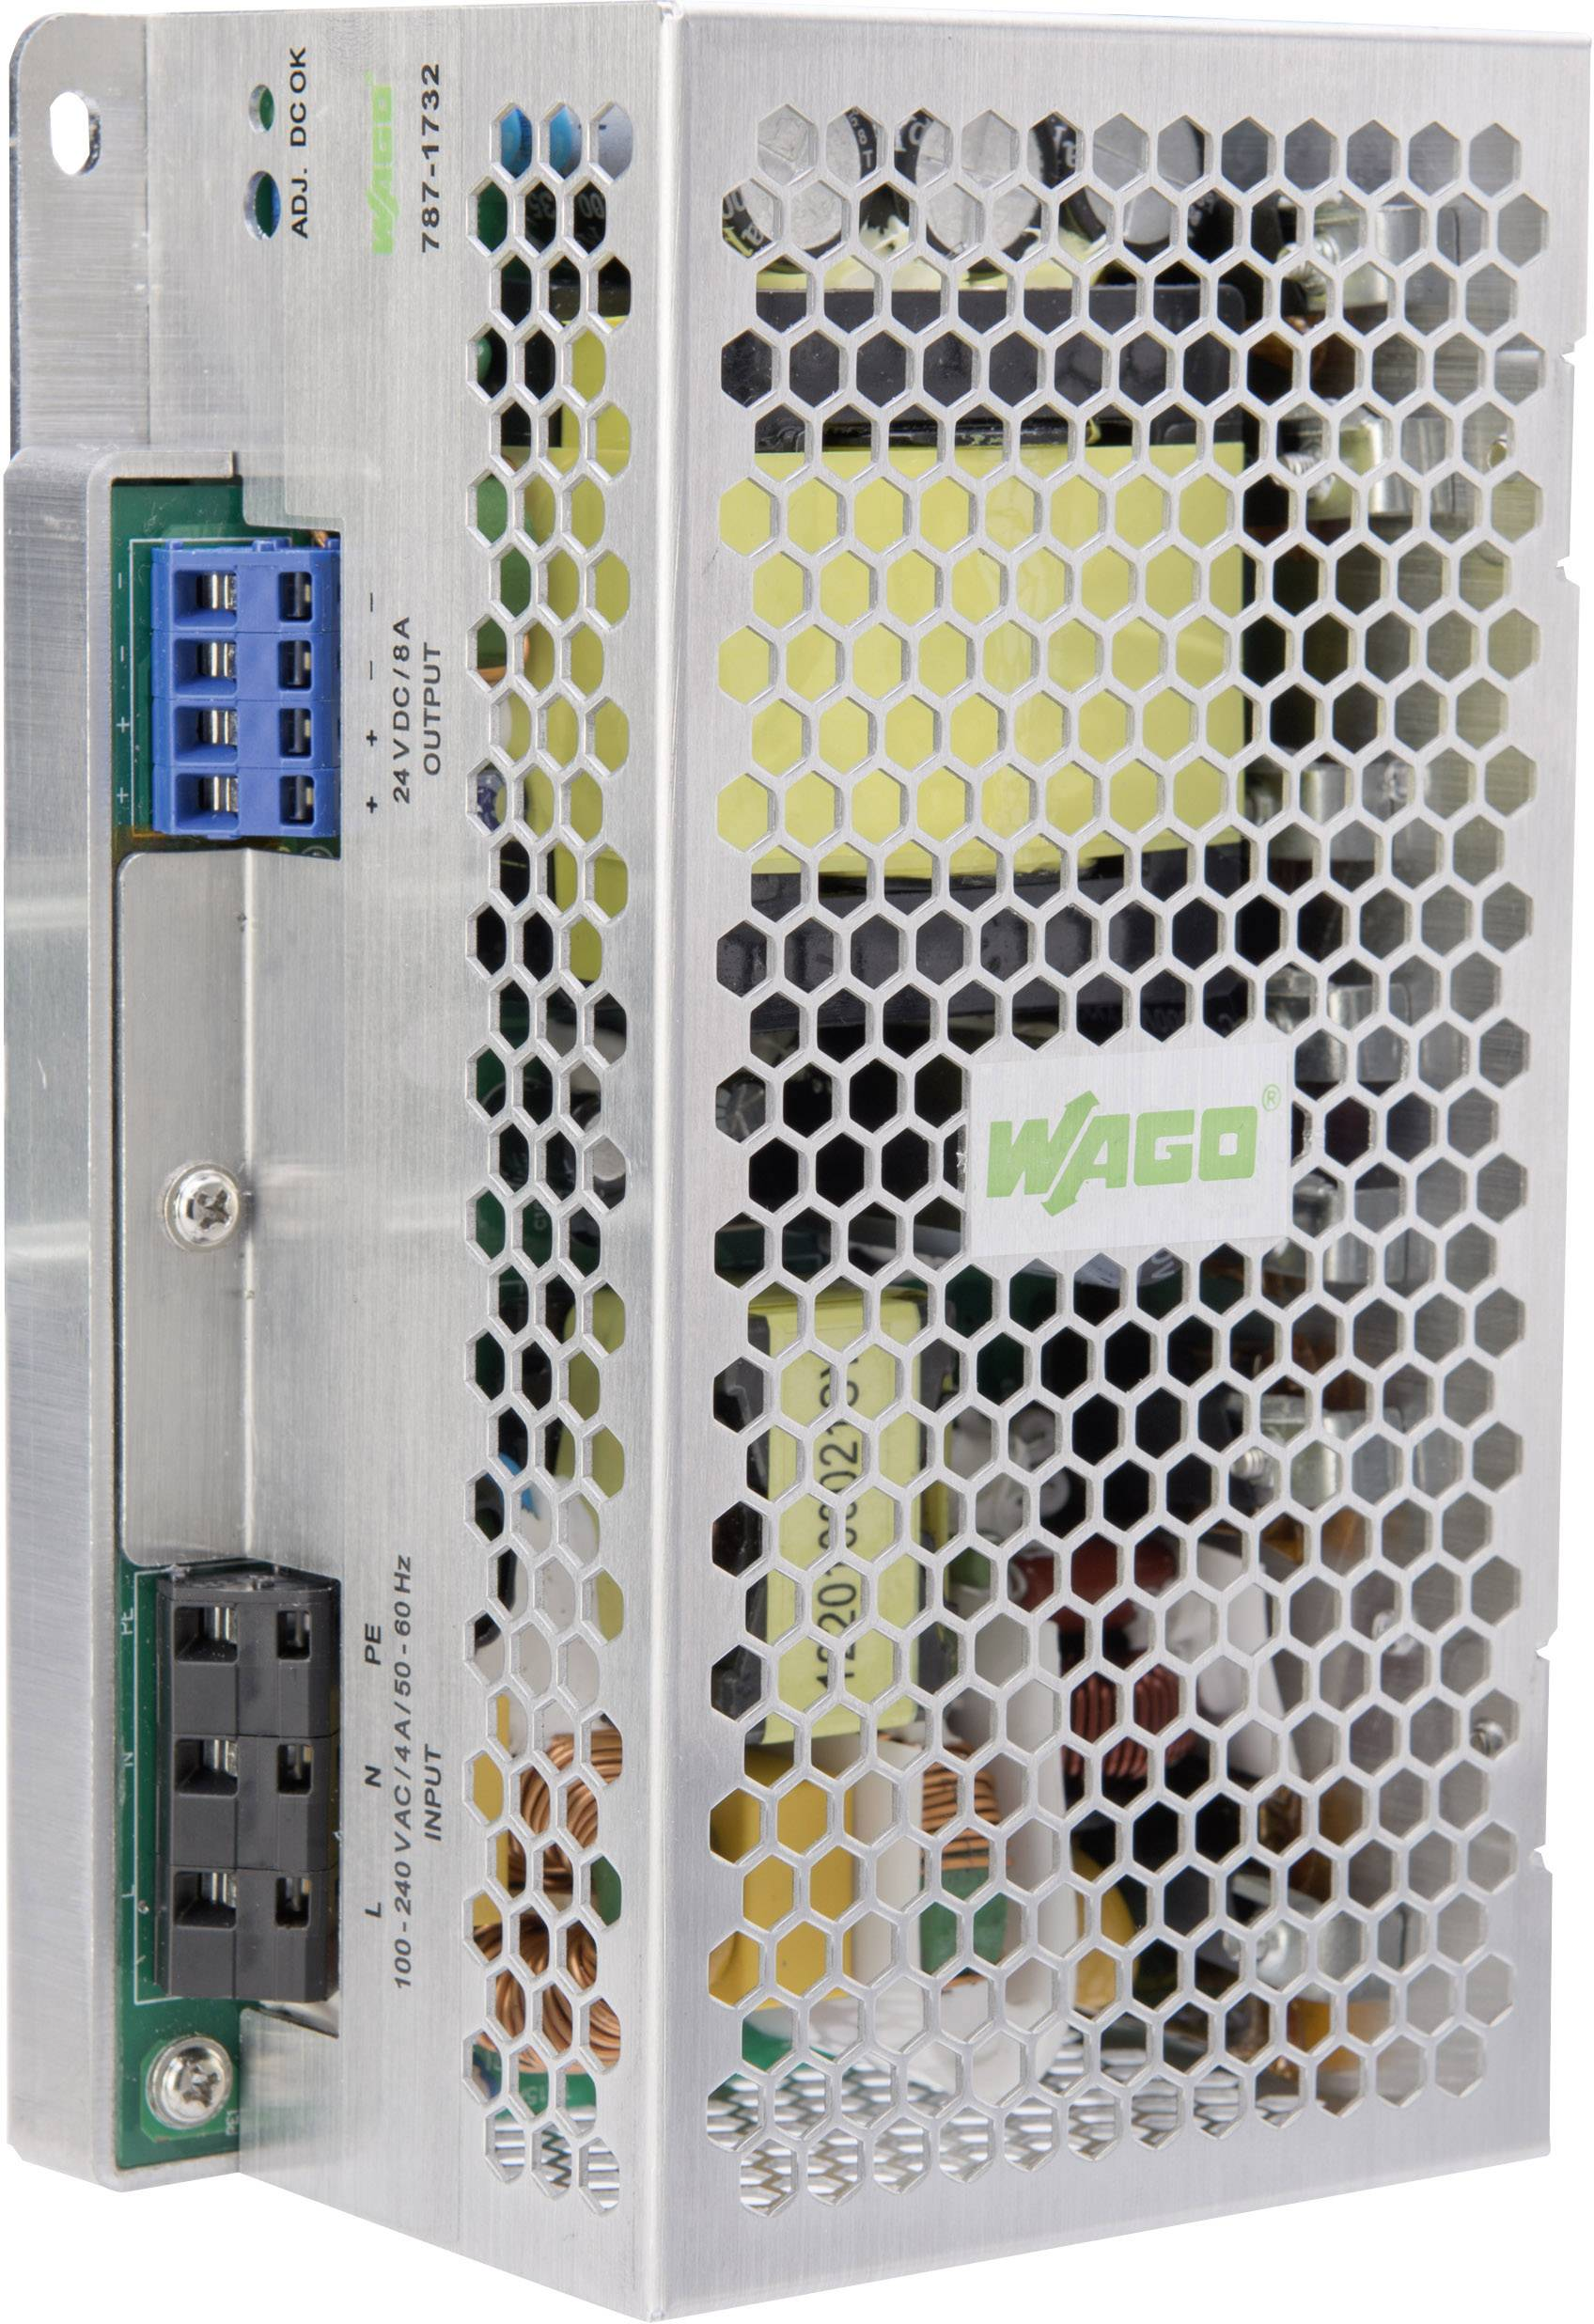 Sieťový zdroj na montážnu lištu (DIN lištu) WAGO 787-1722, 1 x, 24 V, 5 A, 120 W